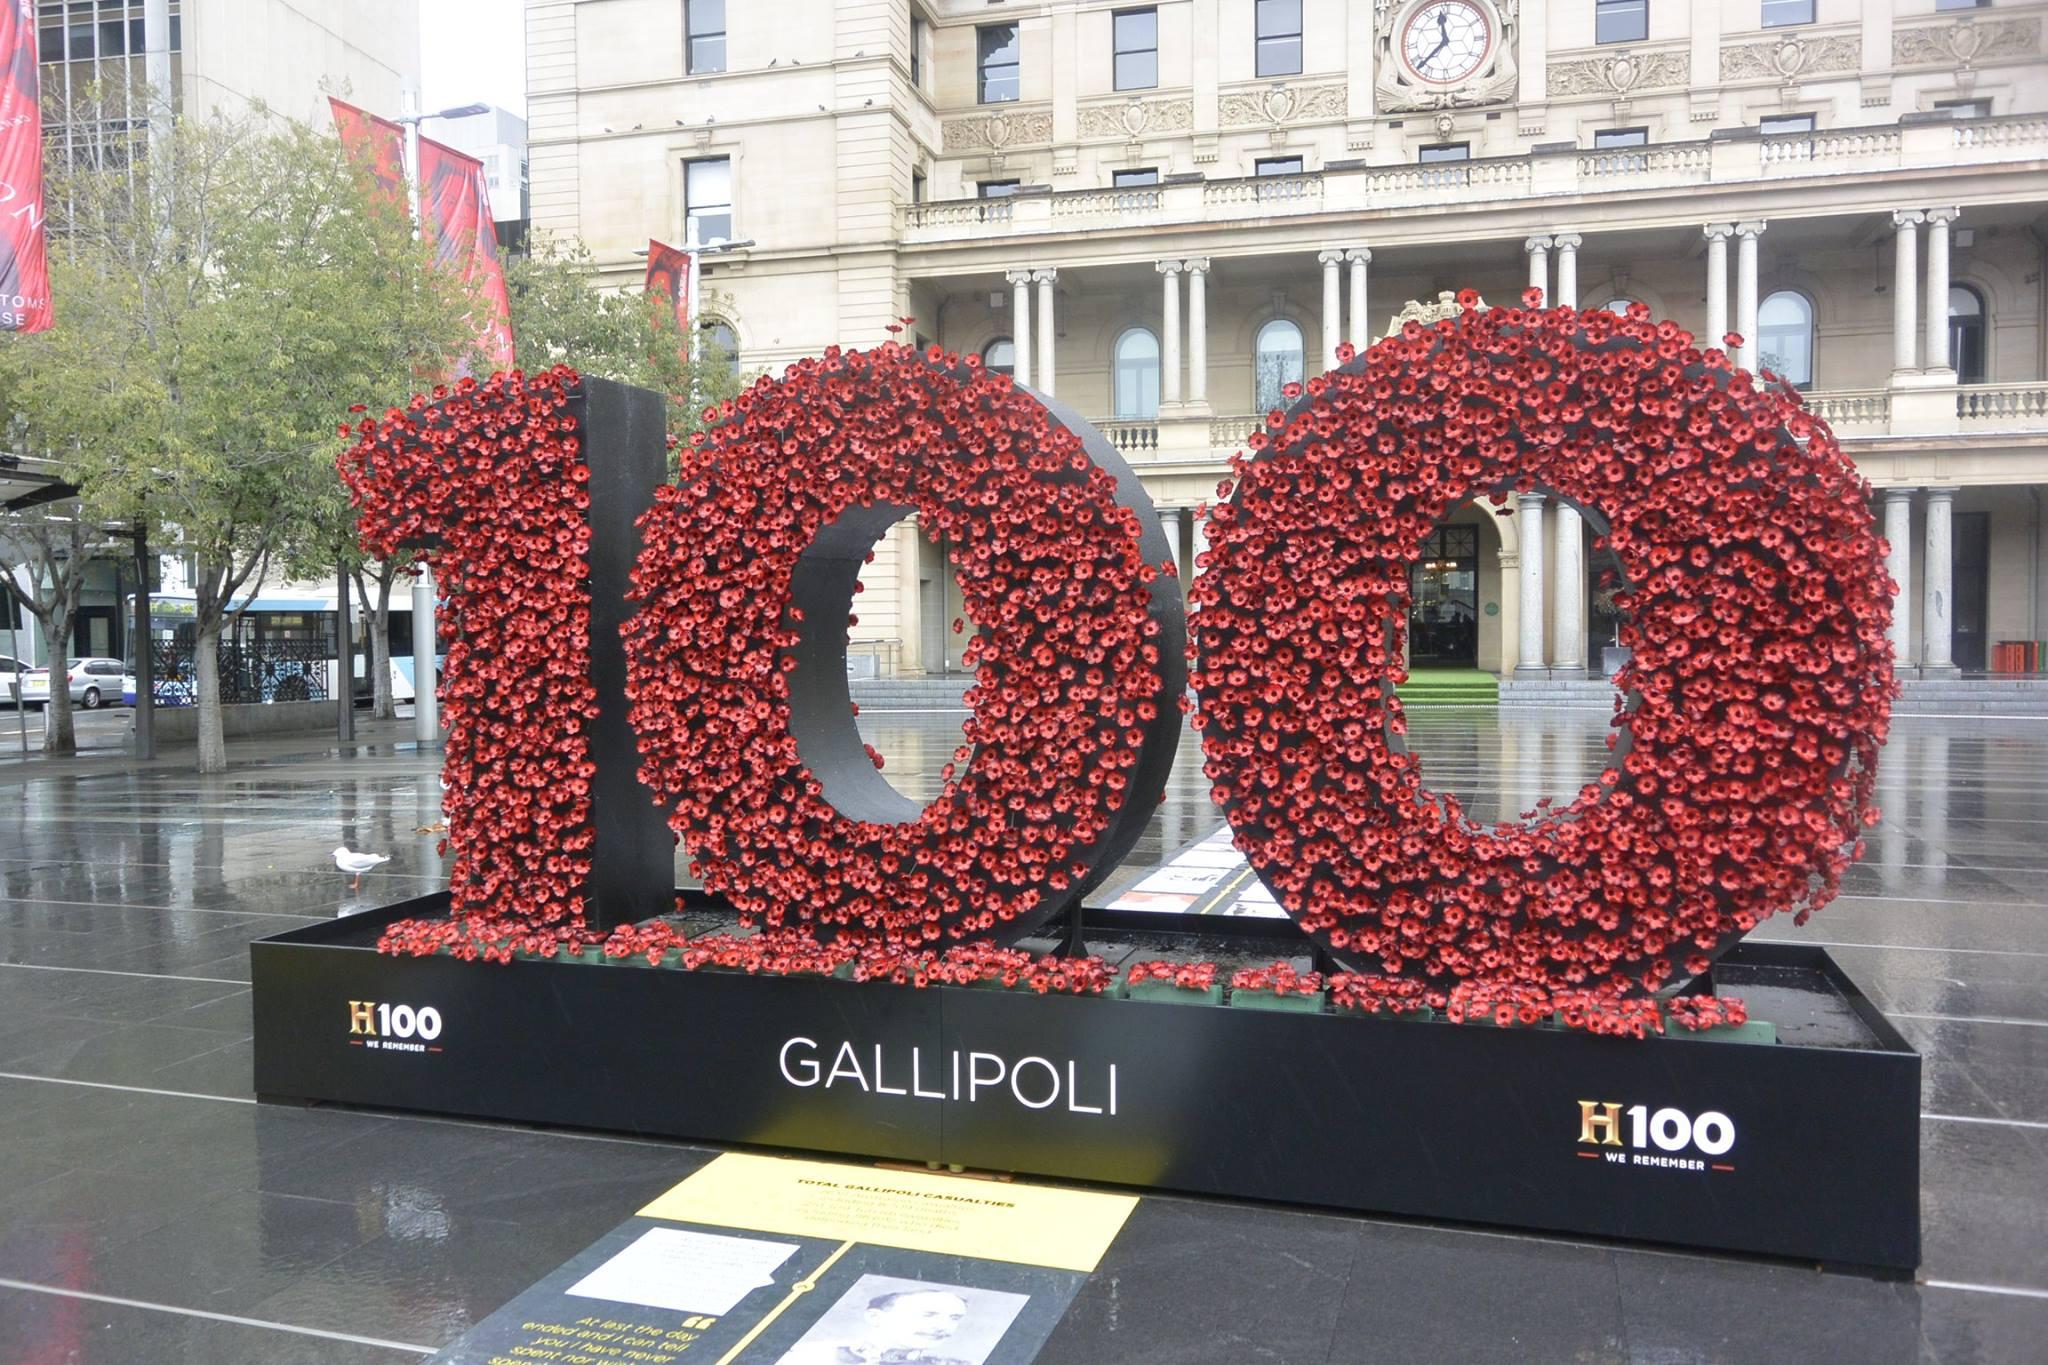 オーストラリアの特別な休日「ANZAC Day」。第2次世界大戦時の知られざる日豪関係。